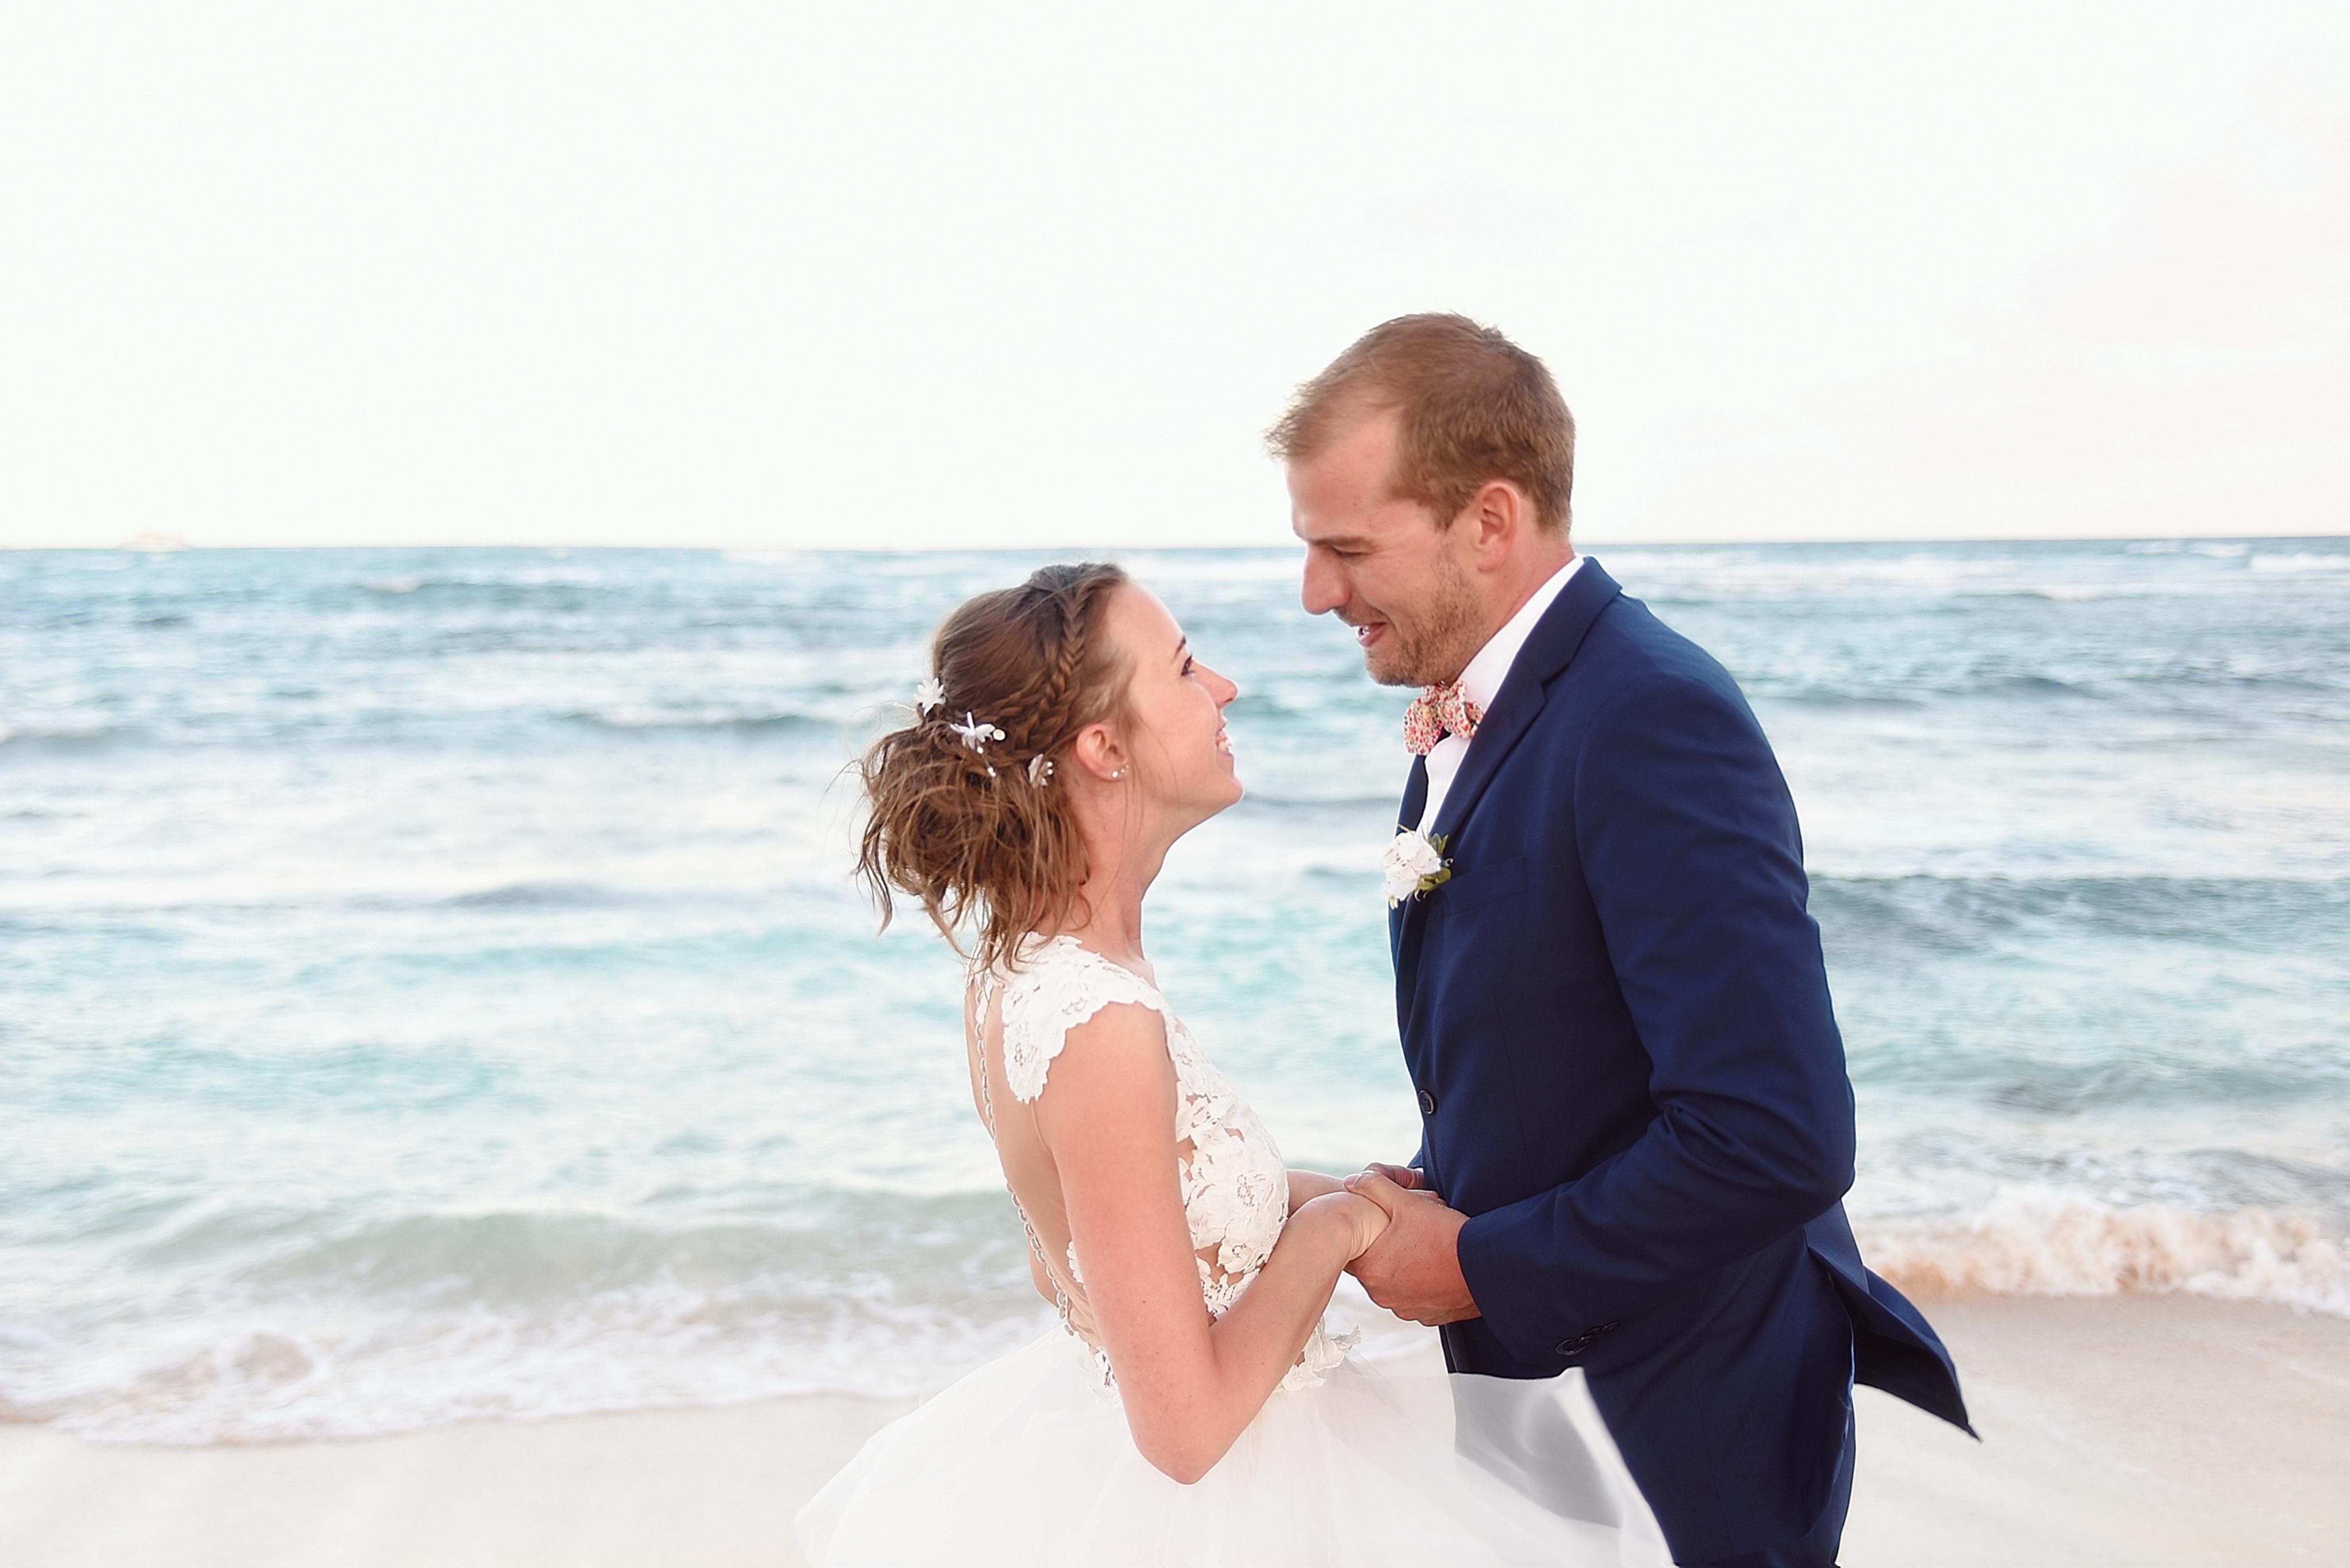 PHOTOGRAPHE DE MARIAGE GUADELOUPE . PHOTOGRAPHE GUADELOUPE . MARIAGE GUADELOUPE . PHOTOGRAPHE MARIAG